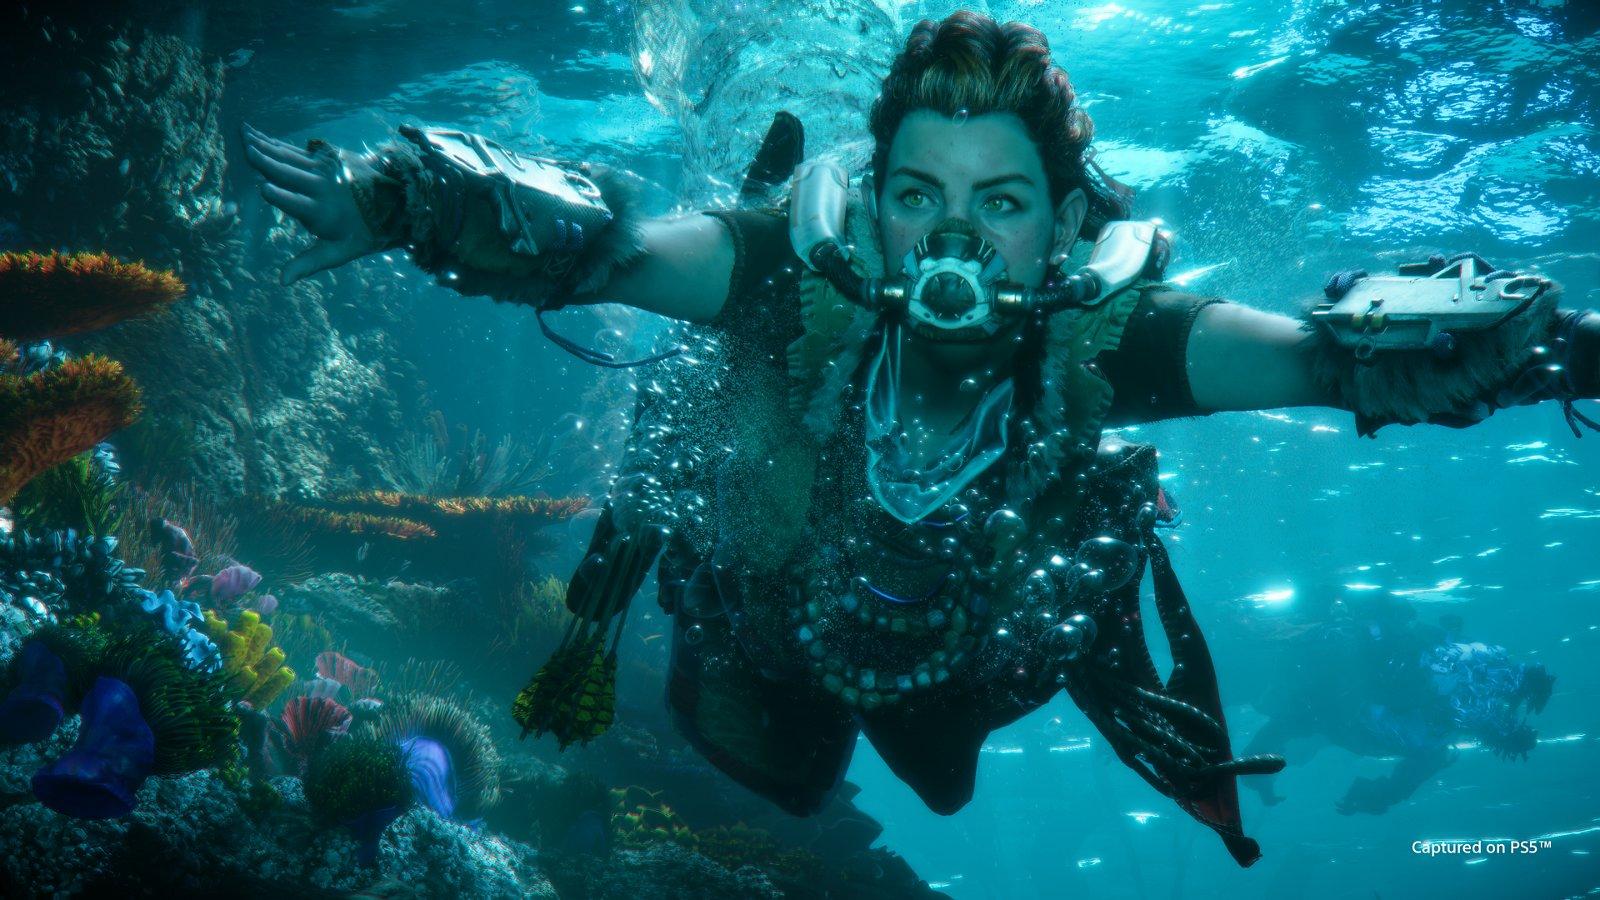 Podwodne sekcje w Horizon: Forbidden West wyglądają obłędnie! (źródło: PlayStation)